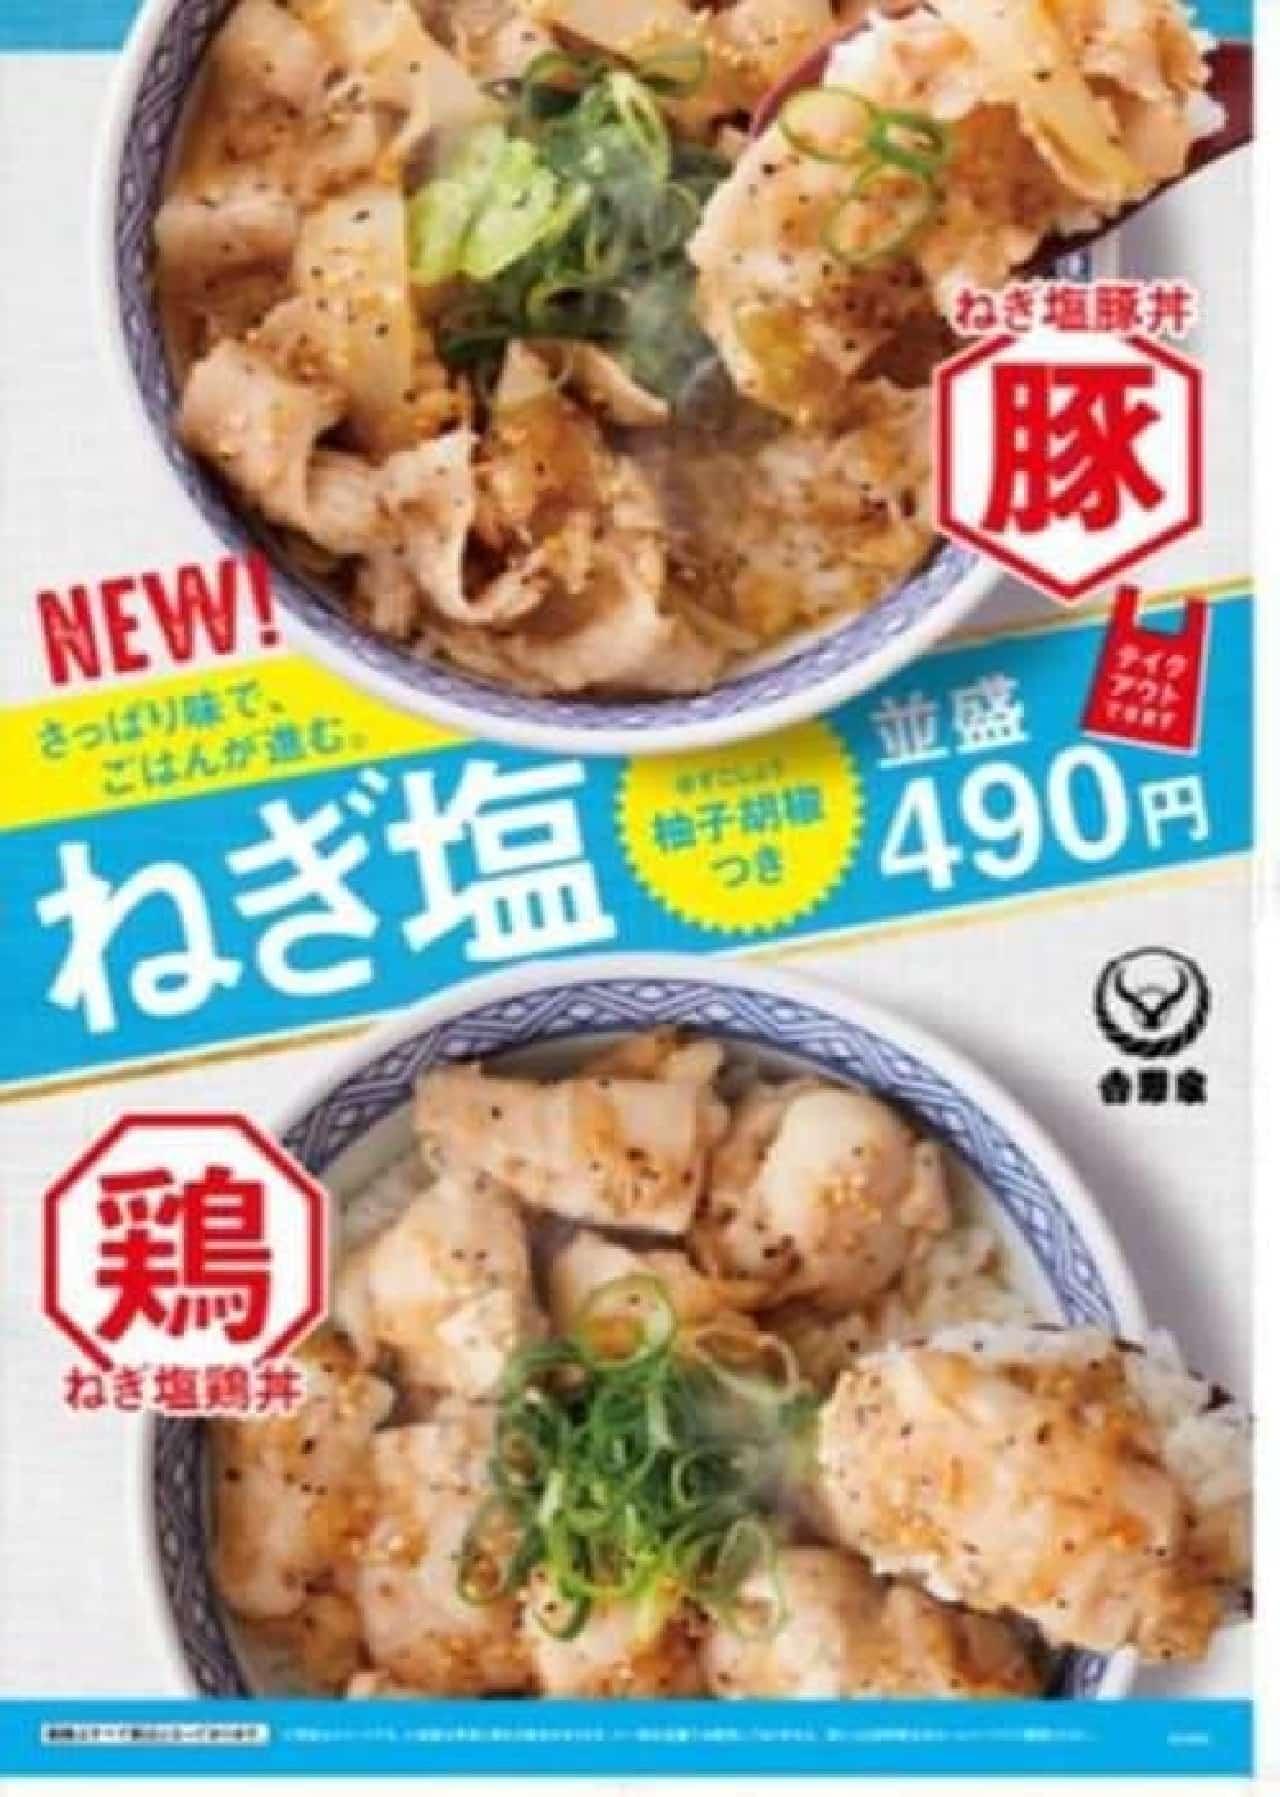 吉野家の夏季限定商品「ねぎ塩豚丼」